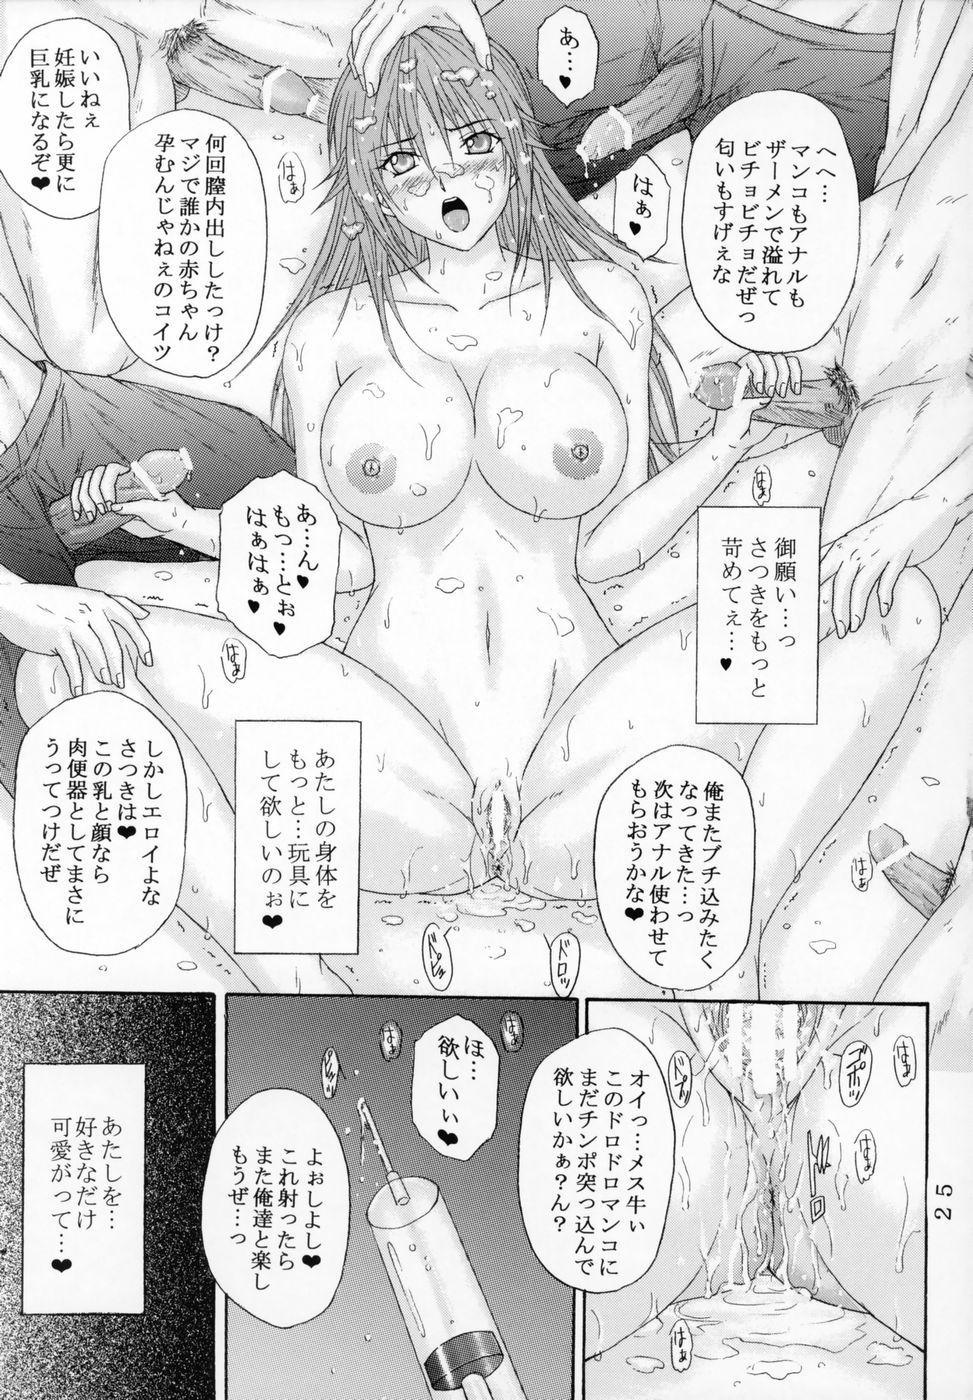 Ryoujoku Rensa 7 23